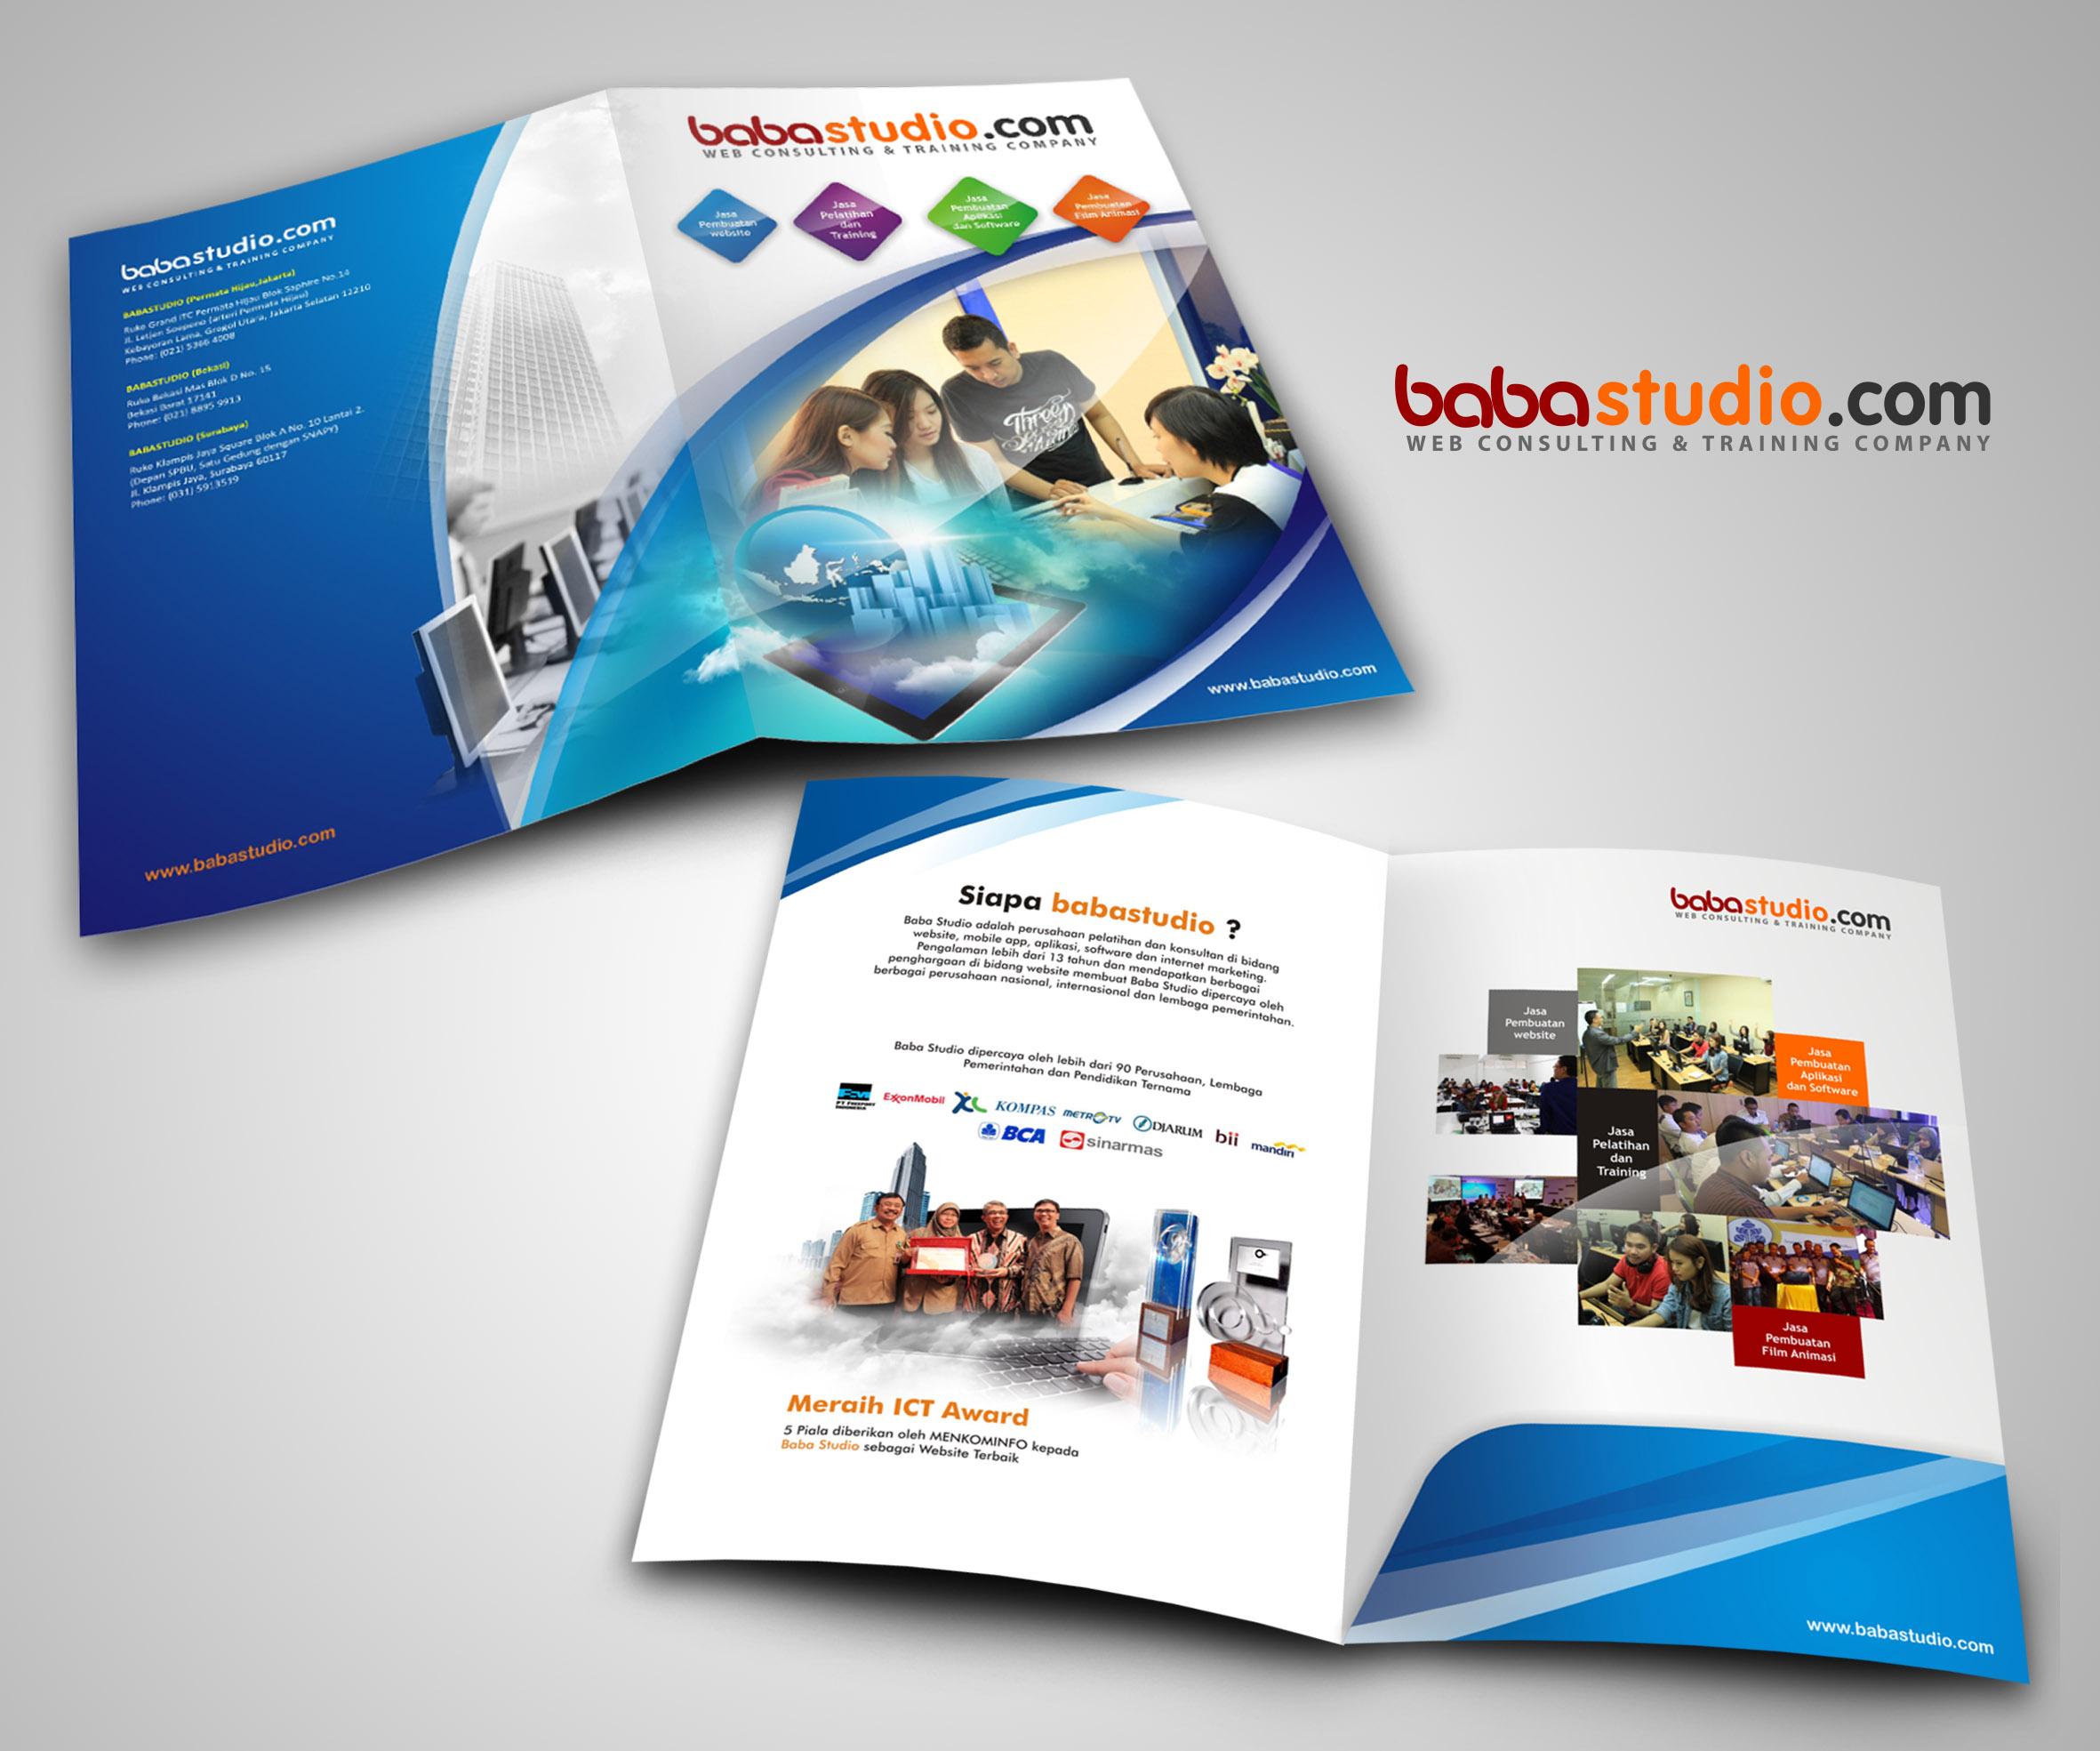 Desain Company Profile Bentuk Map Untuk Baba Studio